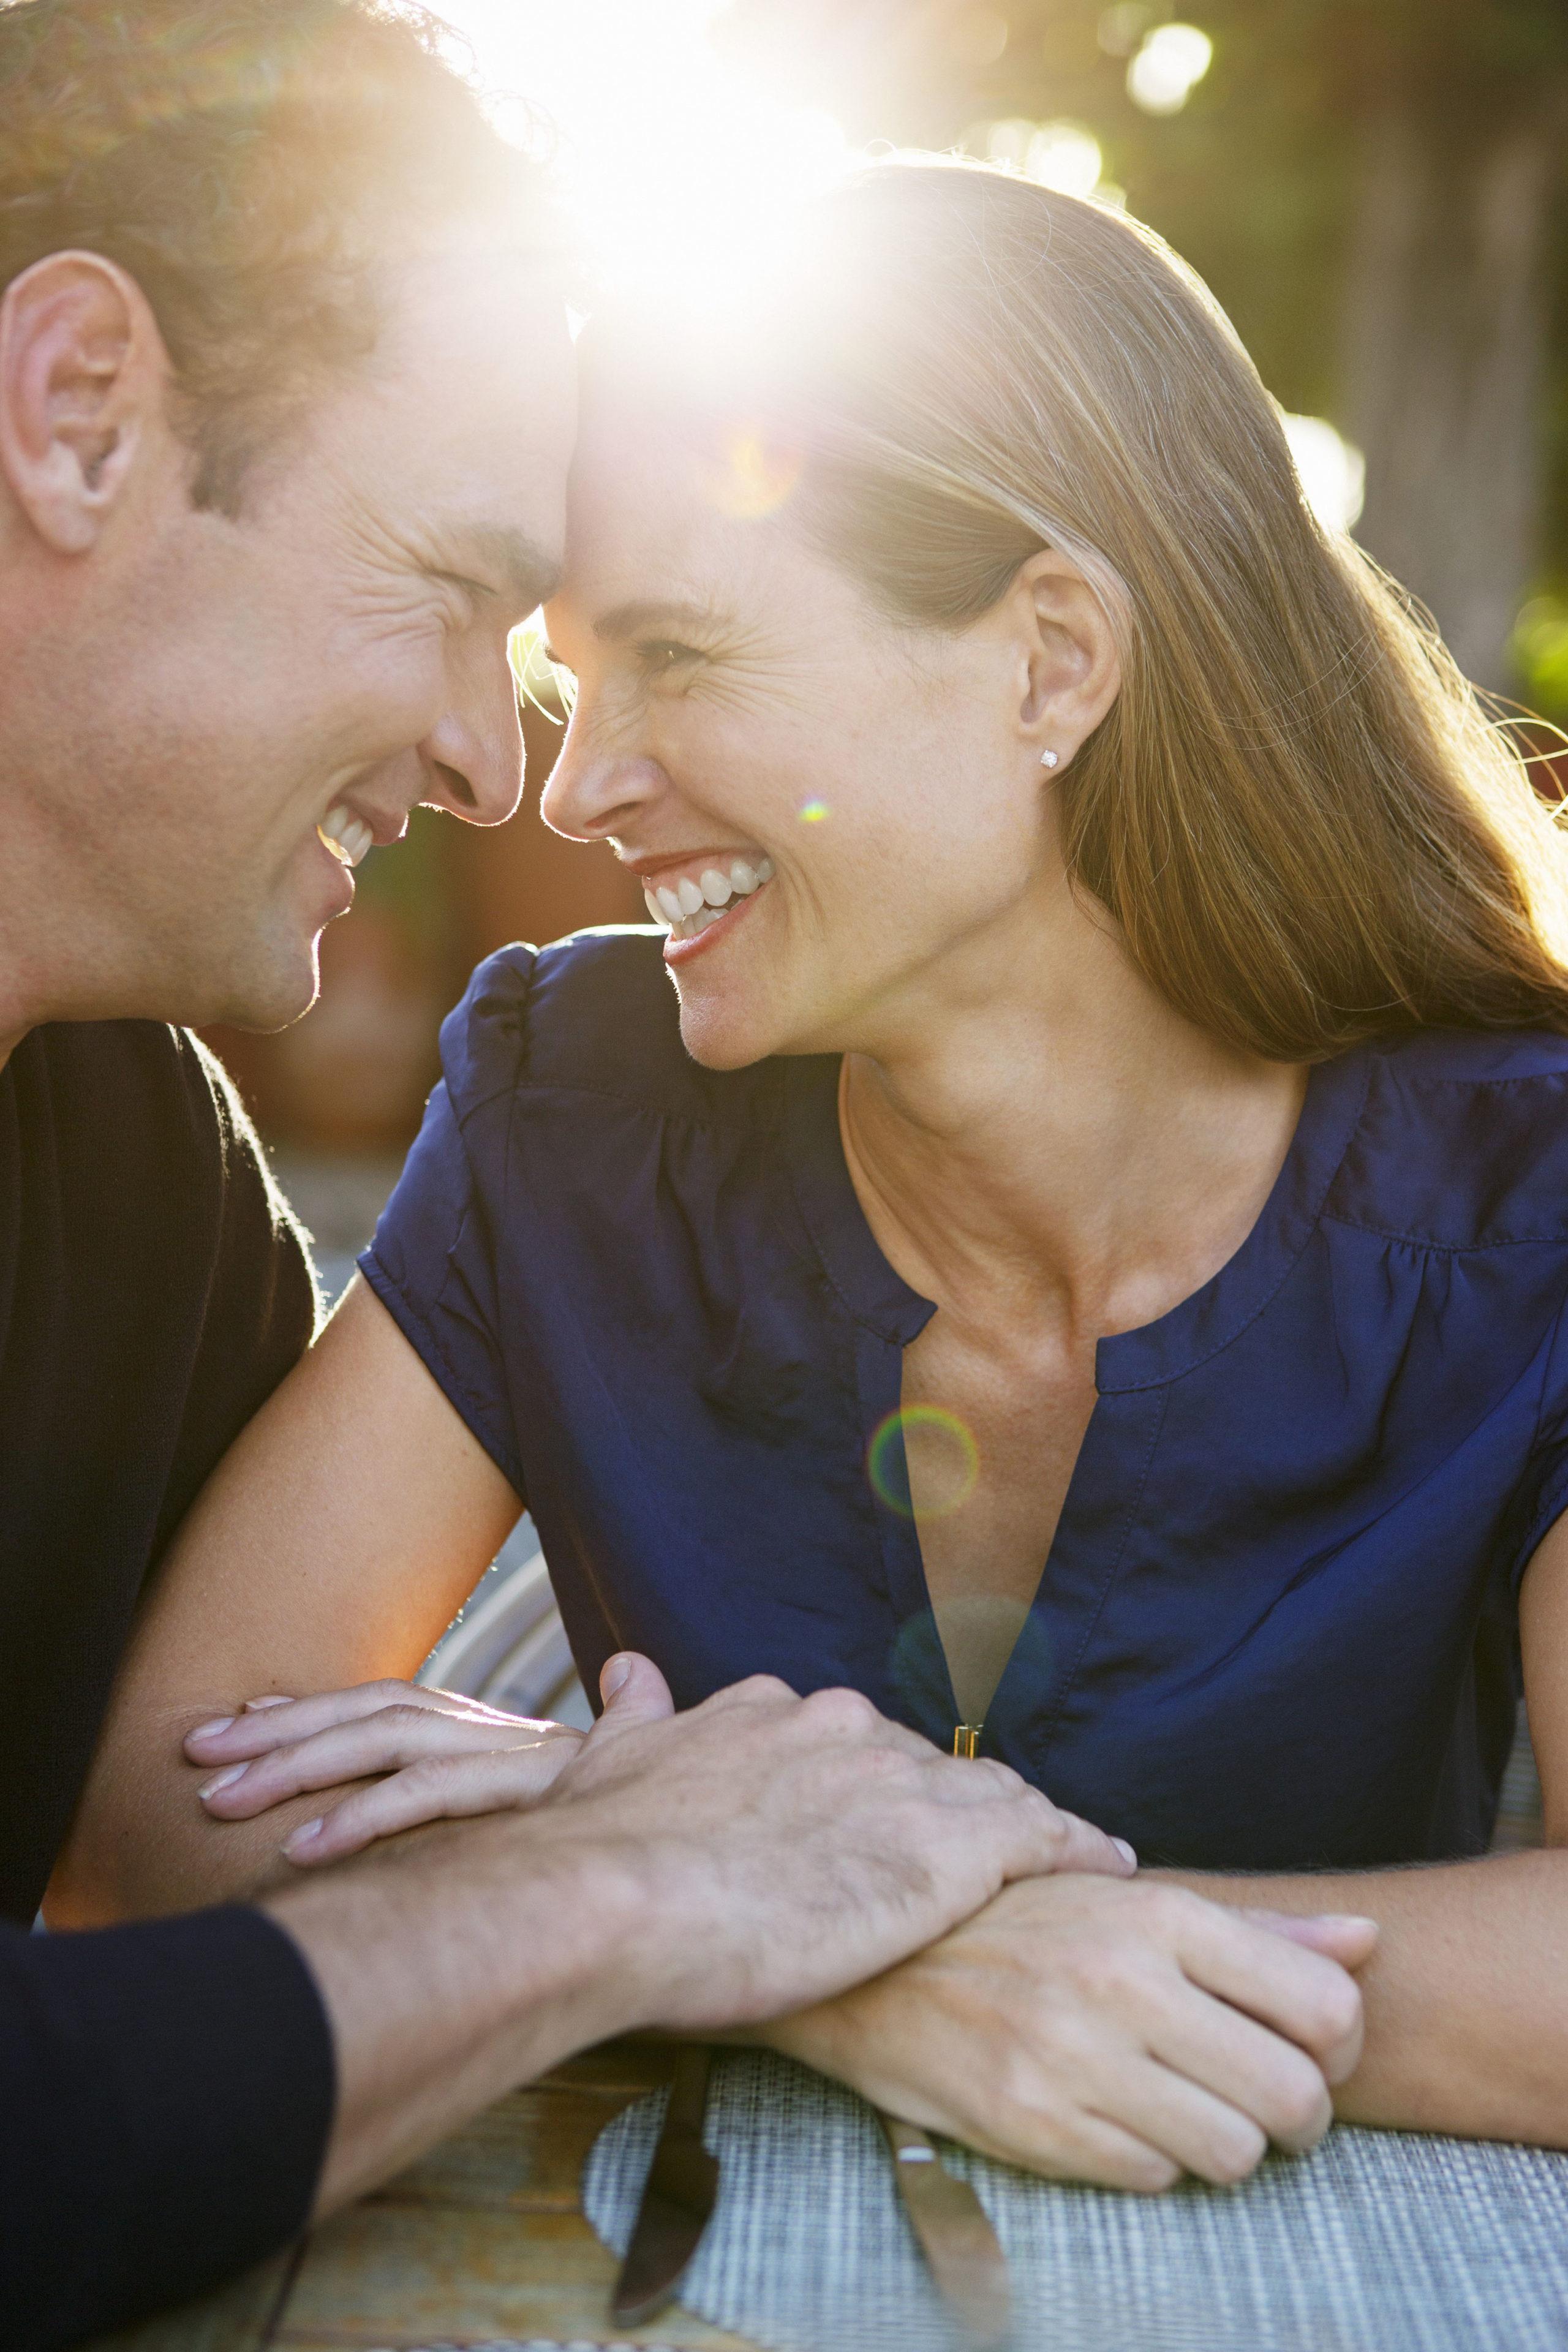 Klärende Gespräche mit dem Partner ebnen den Weg zu mehr Nähe.